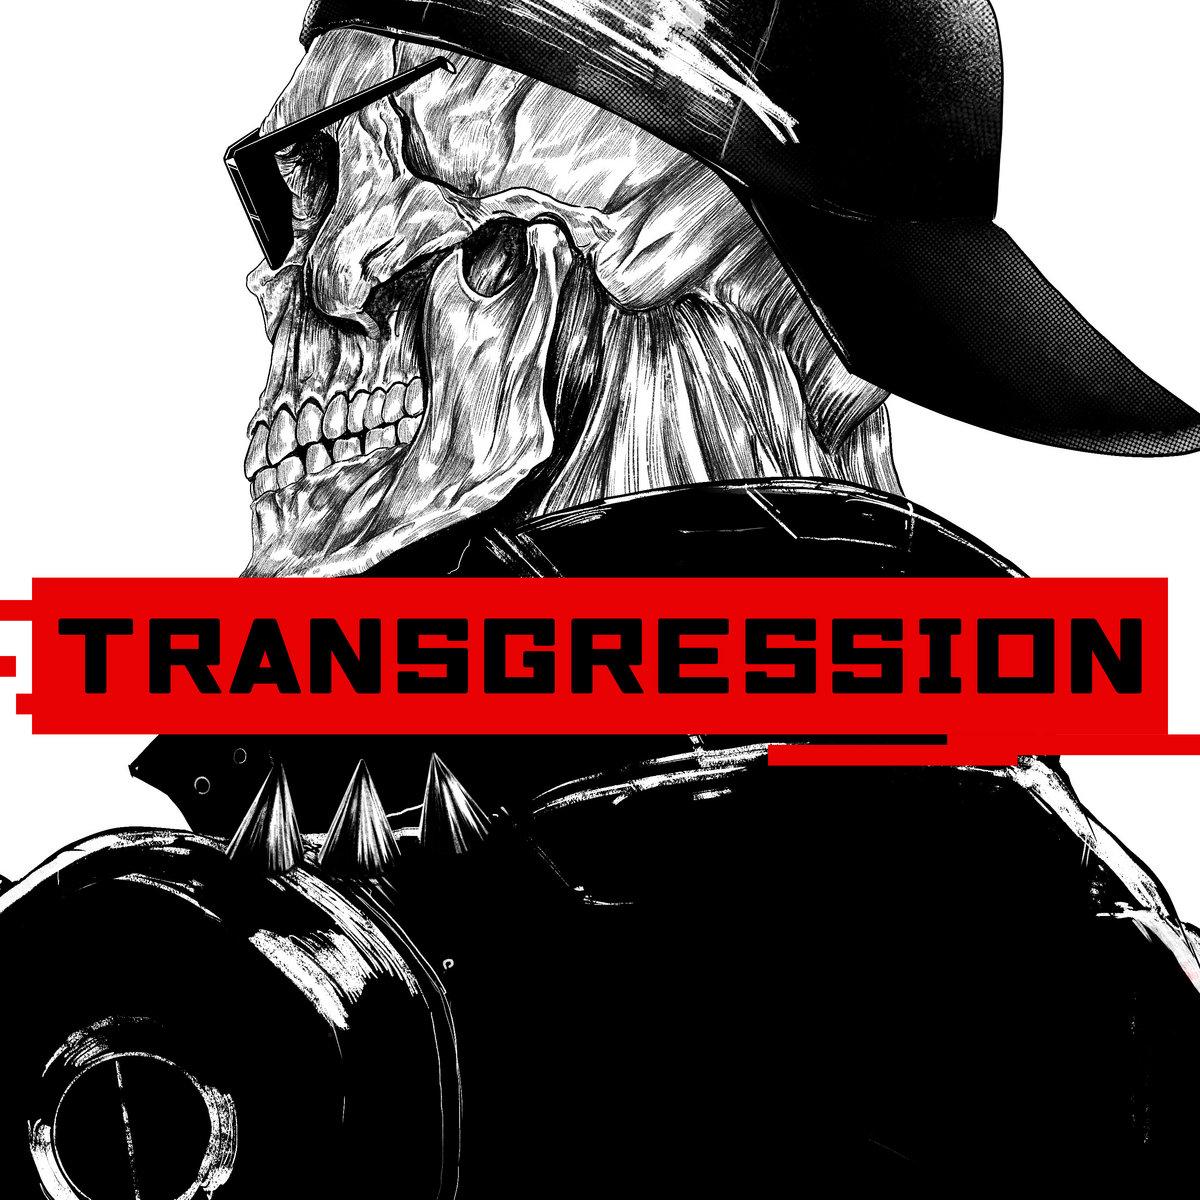 Transgression by Magnavolt